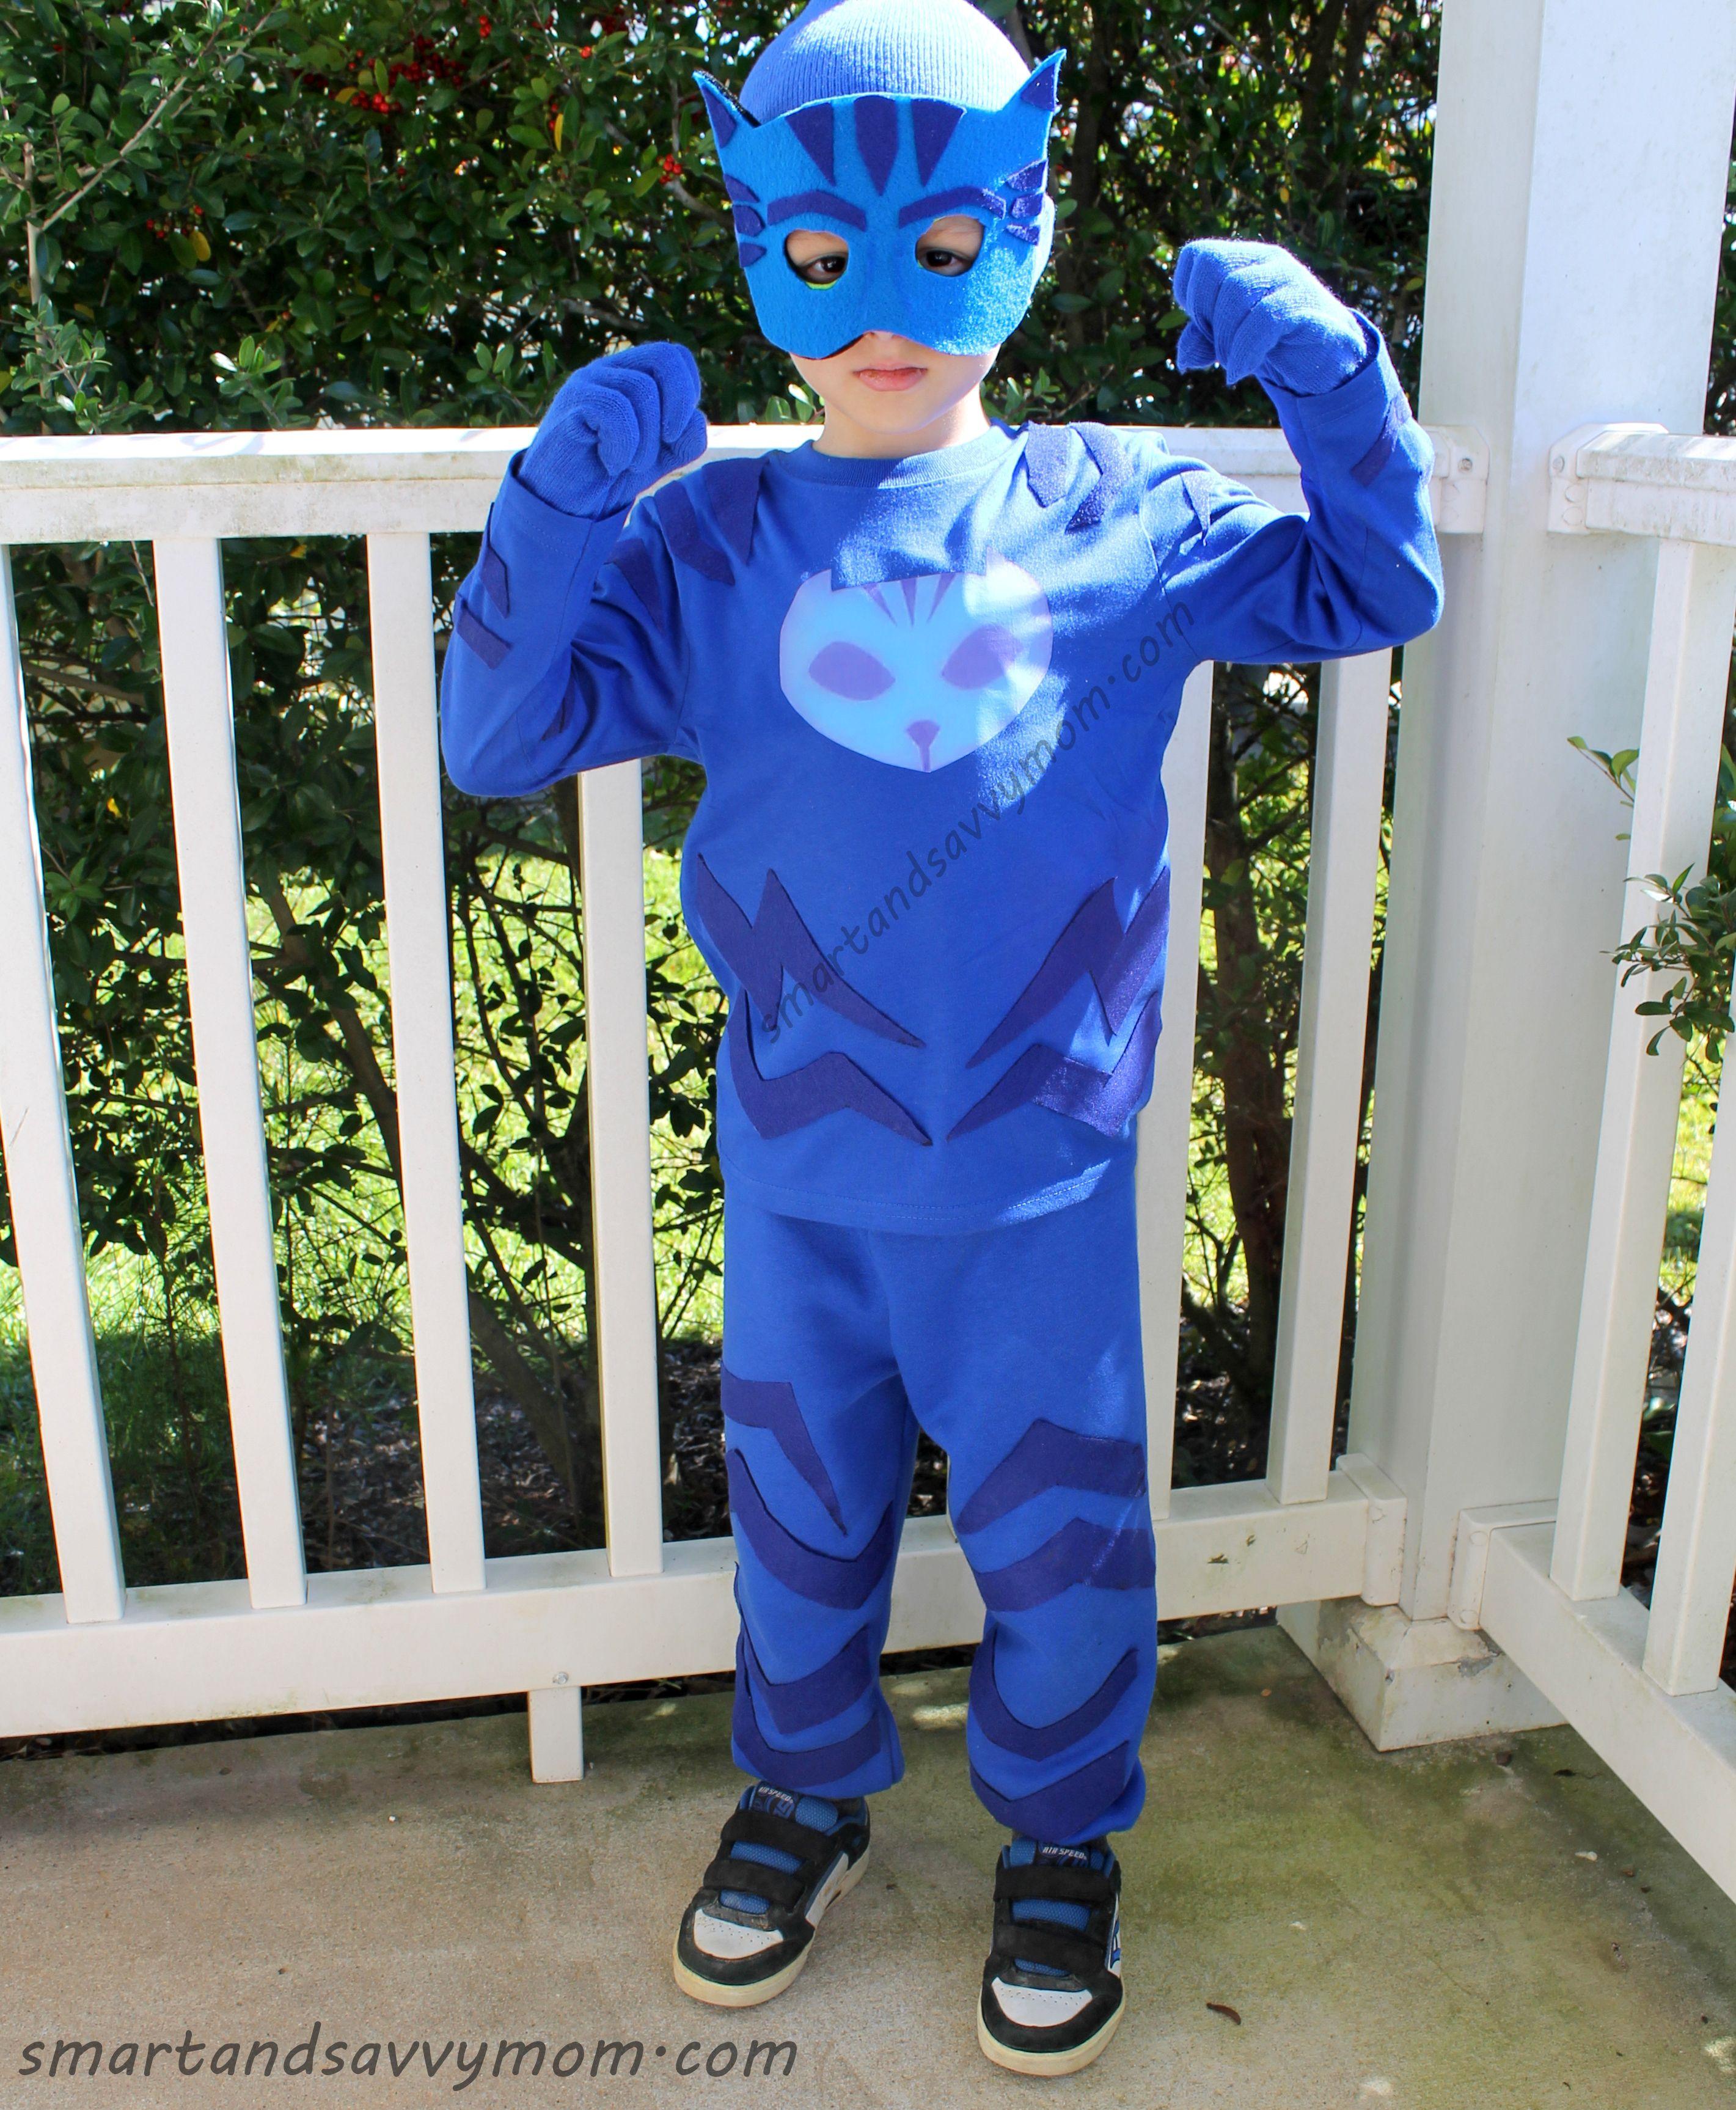 completedDIY PJ Masks catboy costume | DIY PJ Masks Catboy ...